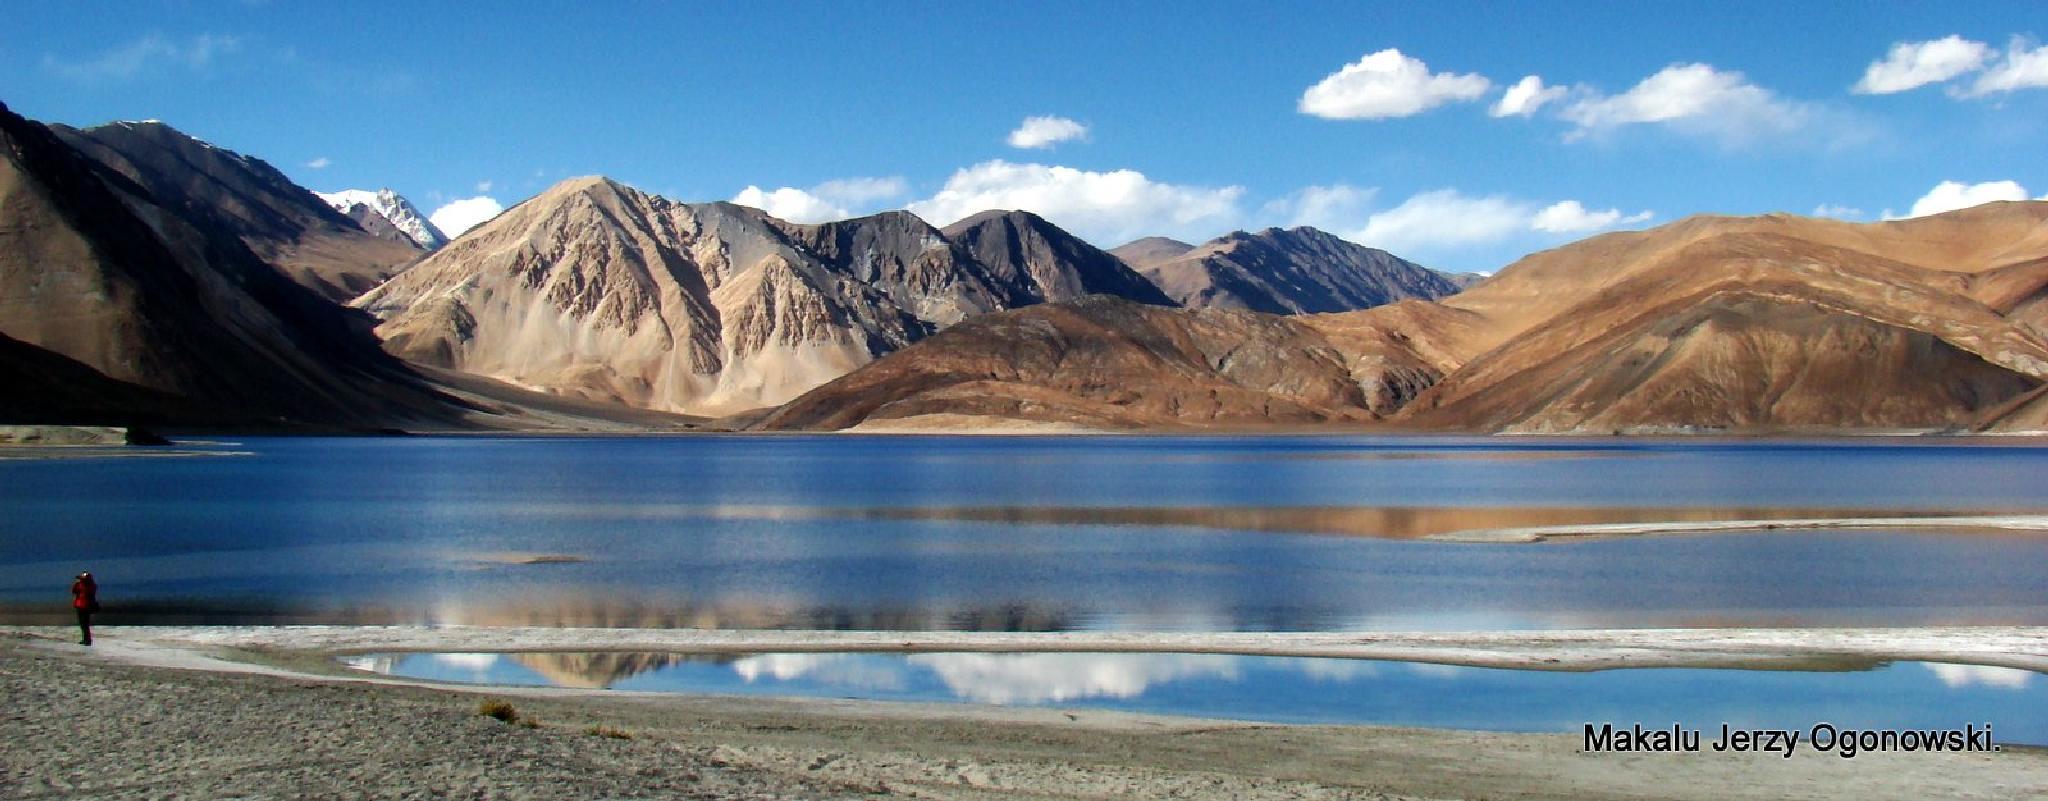 Pangong Lake 4250m.Border Ladakh-Tibet. by Makalu Jerzy Ogonowski